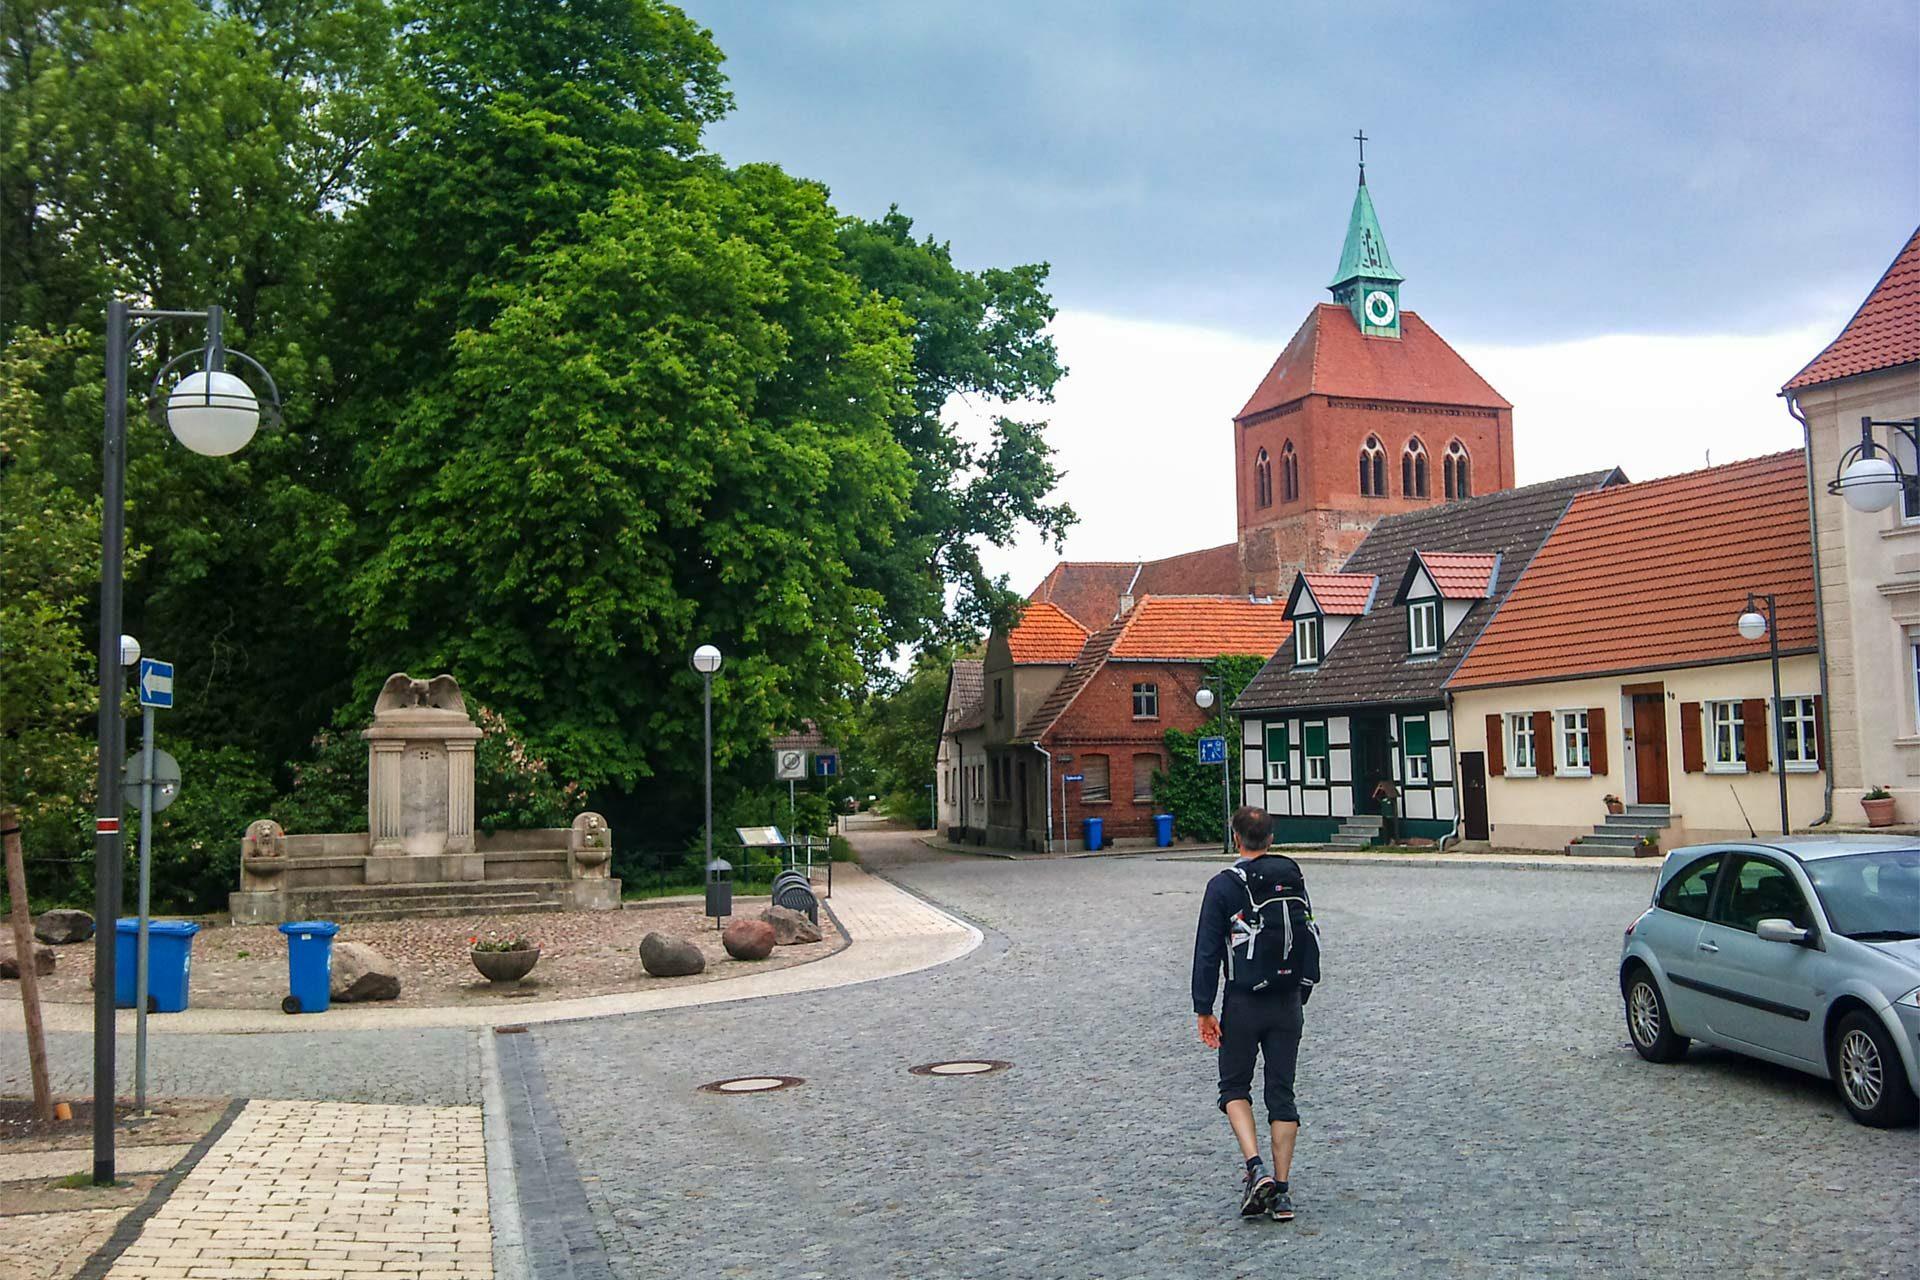 So schaut es also in Arneburg aus. Irgendwie idyllisch, auch wenn hier die letzten Jahre sicher nicht so viel los war wie im Mittelalter.